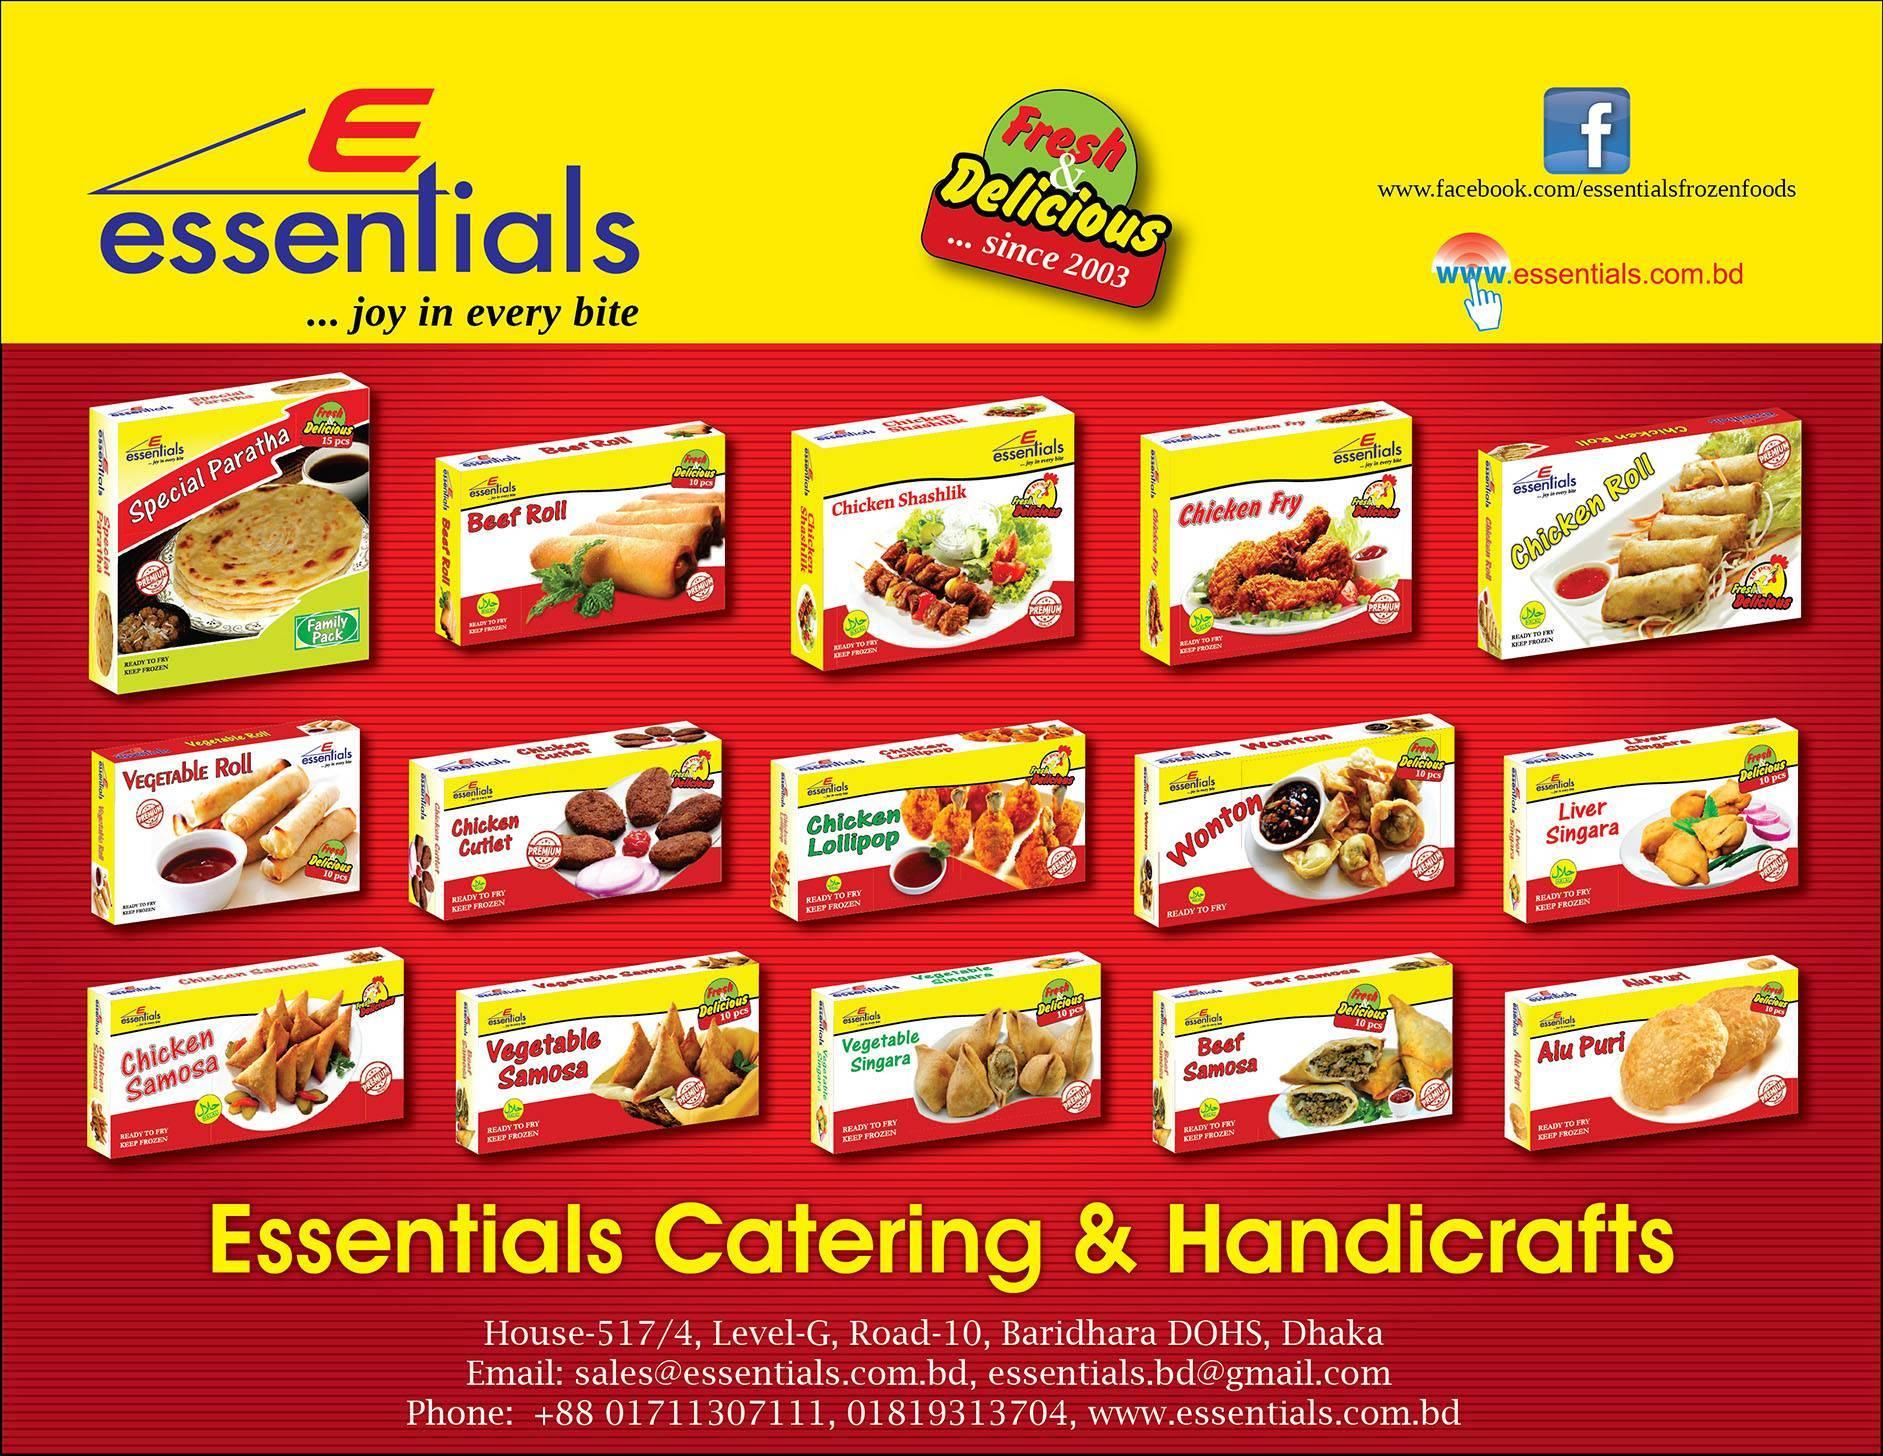 Essentials Group